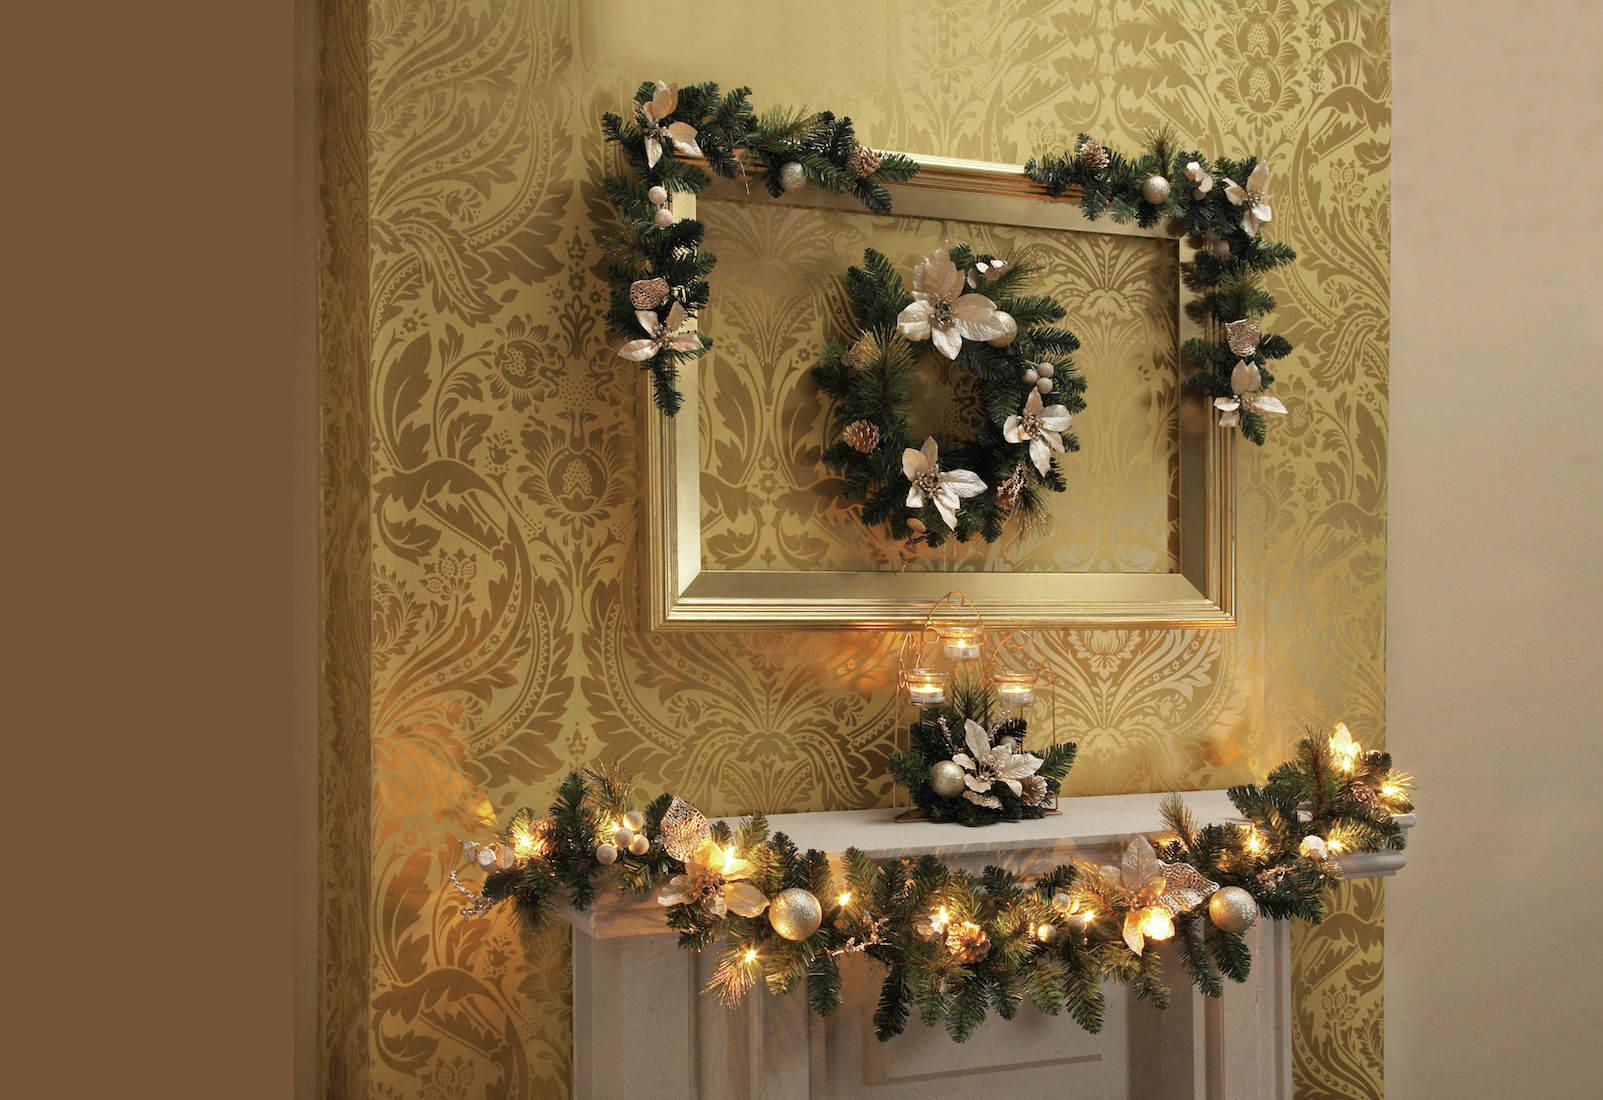 Zlatý rám nad krbovou římsou poslouží jako základ klasické dekorace. foto: House of Bath